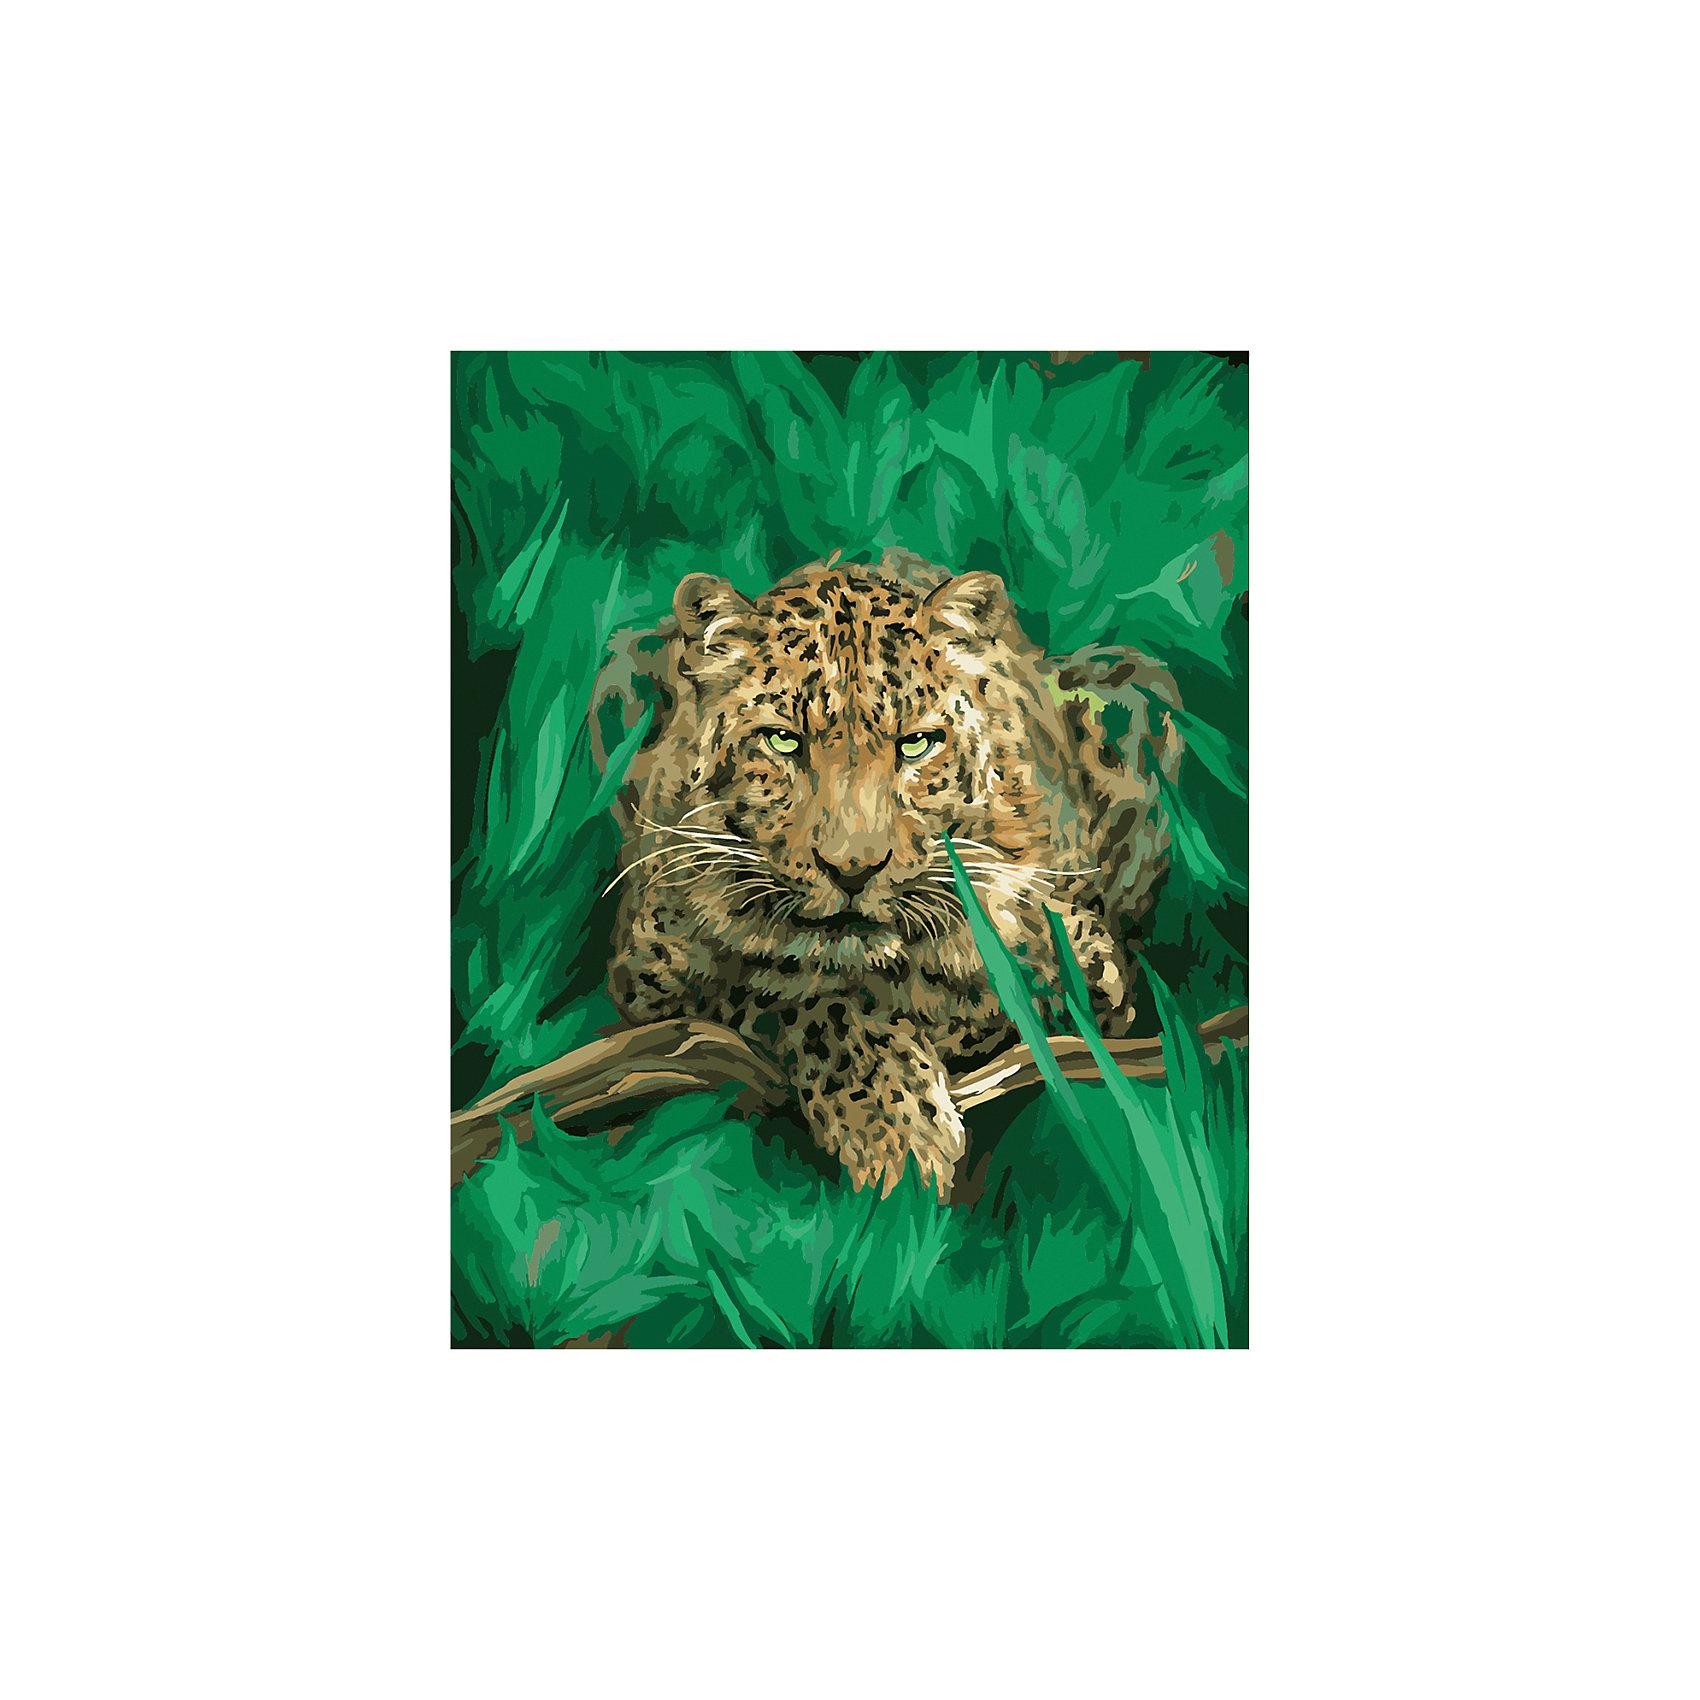 TUKZAR Роспись по номерам Леопард в траве 40*50 см наборы для рисования цветной картины по номерам пятнистый леопард